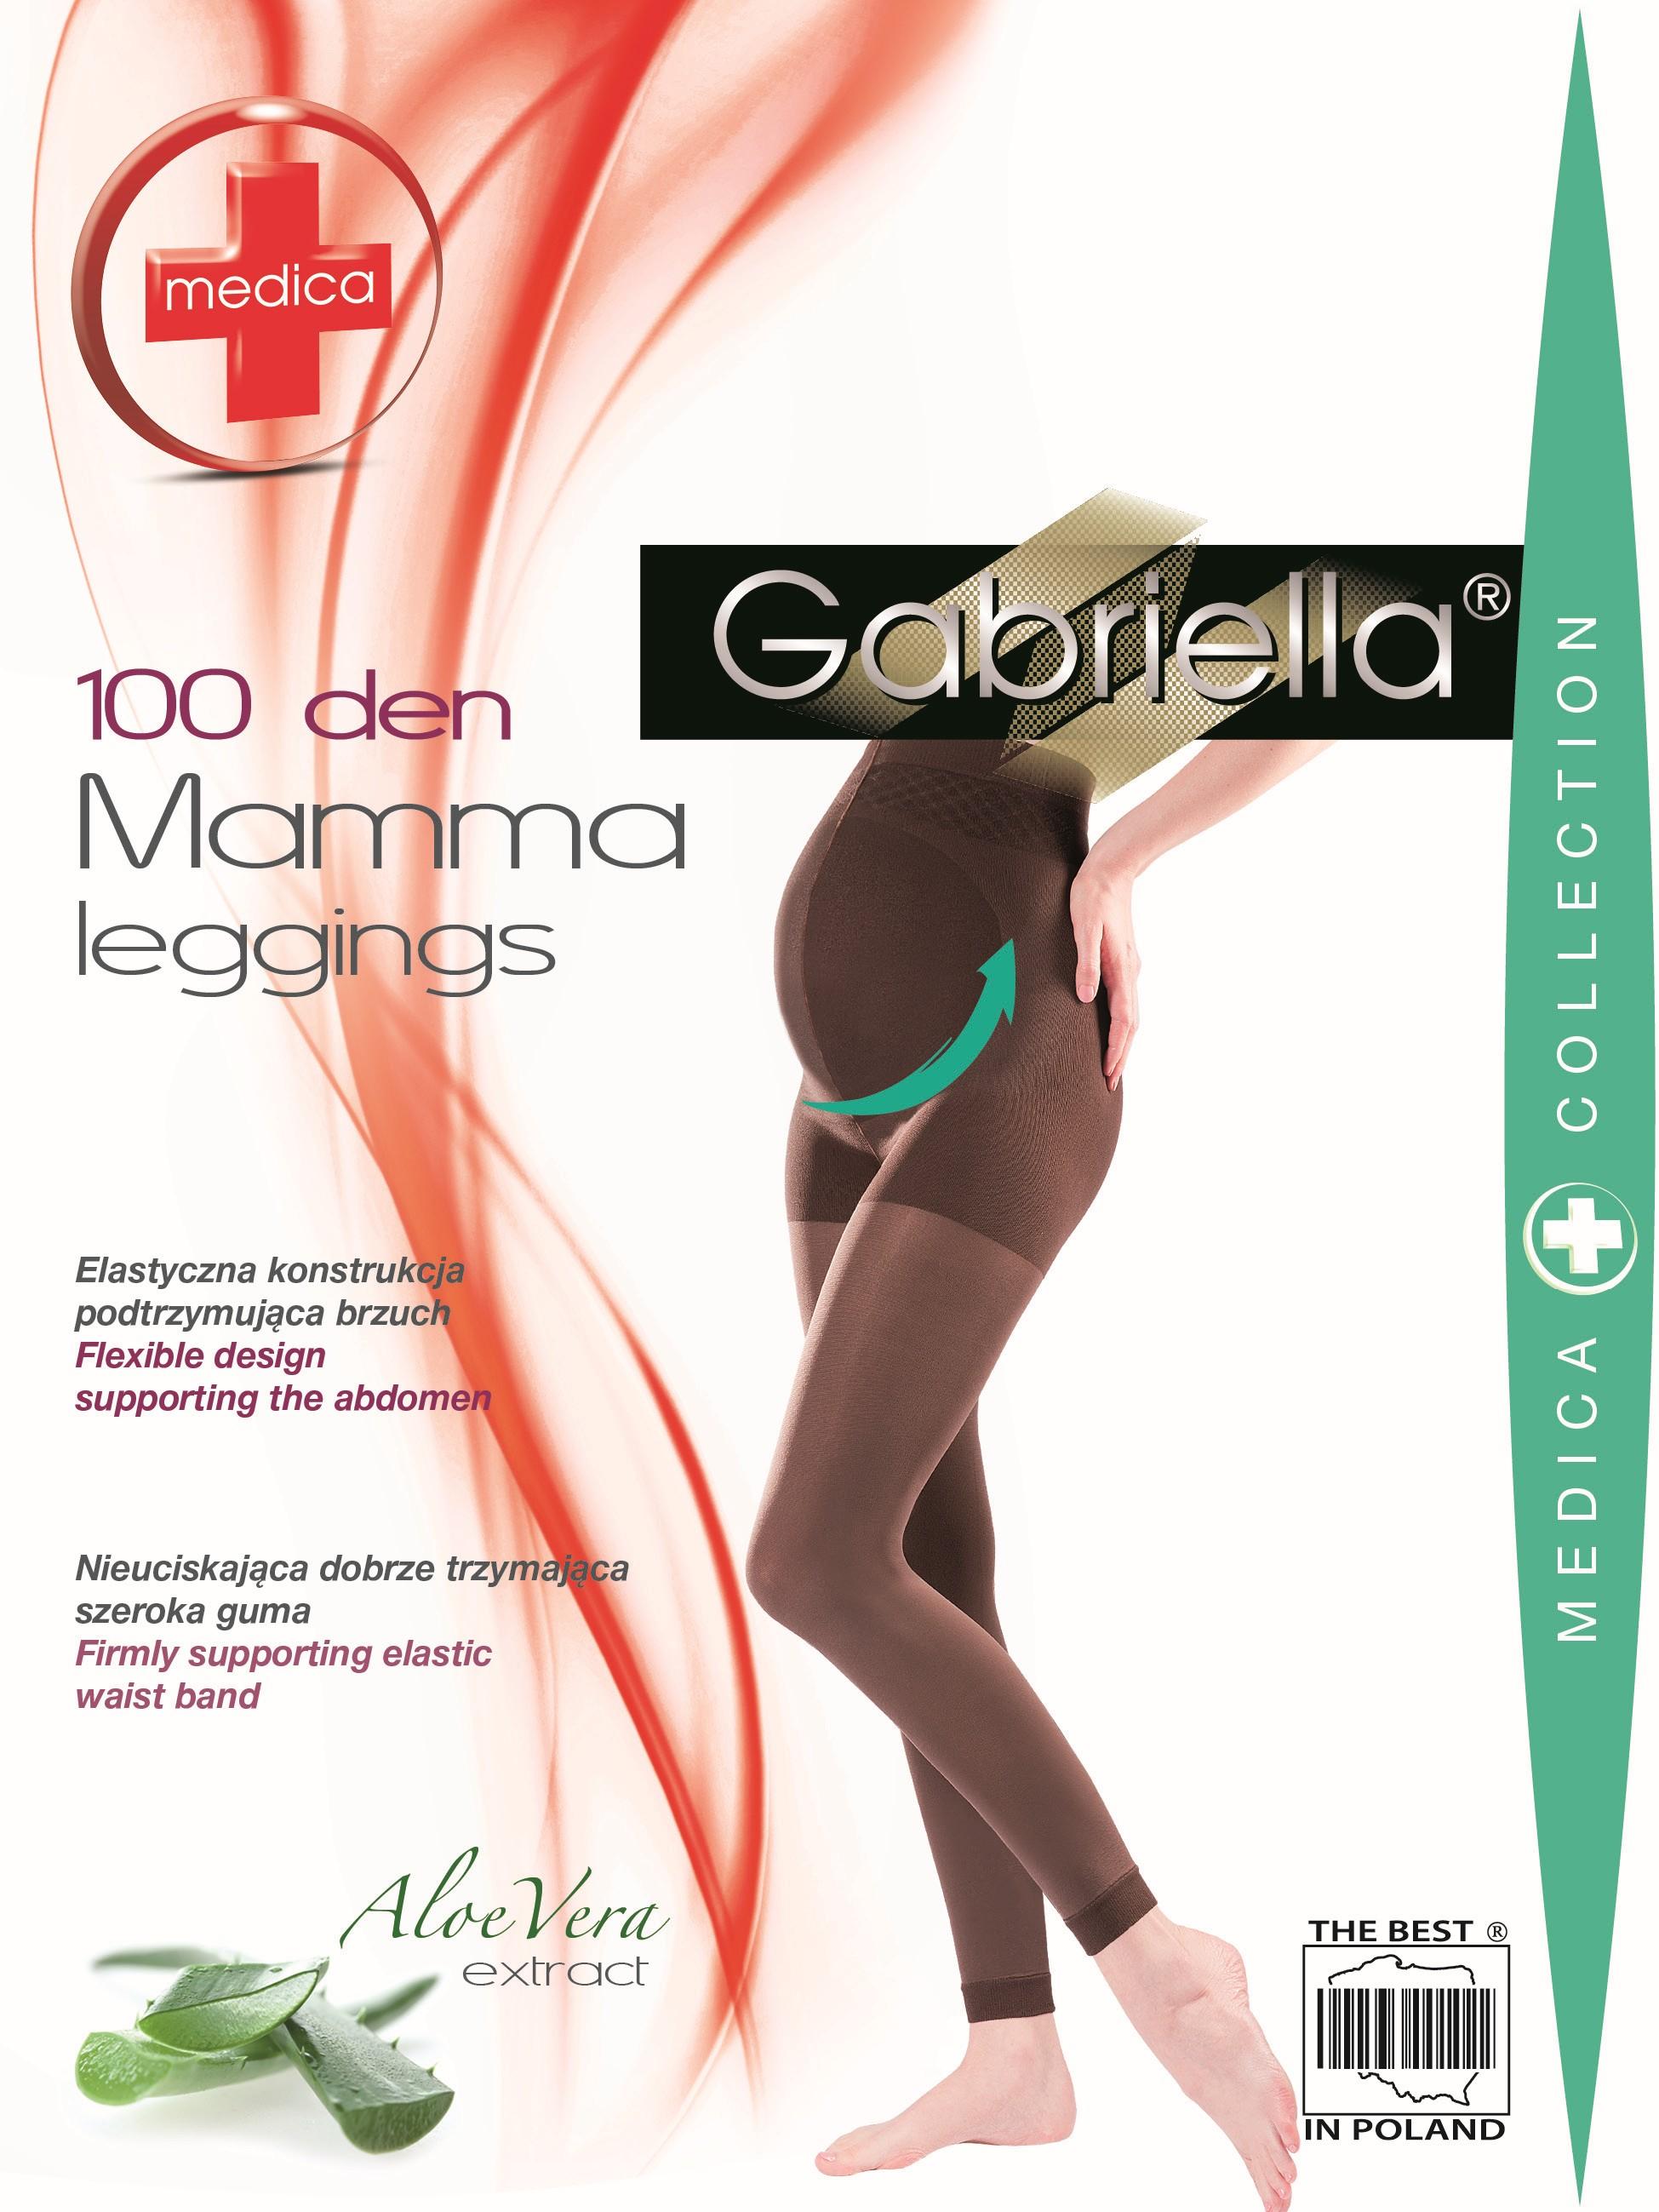 Punčochové kalhoty Mamma 174 Medica 100 Den - Gabriella - Černá/3